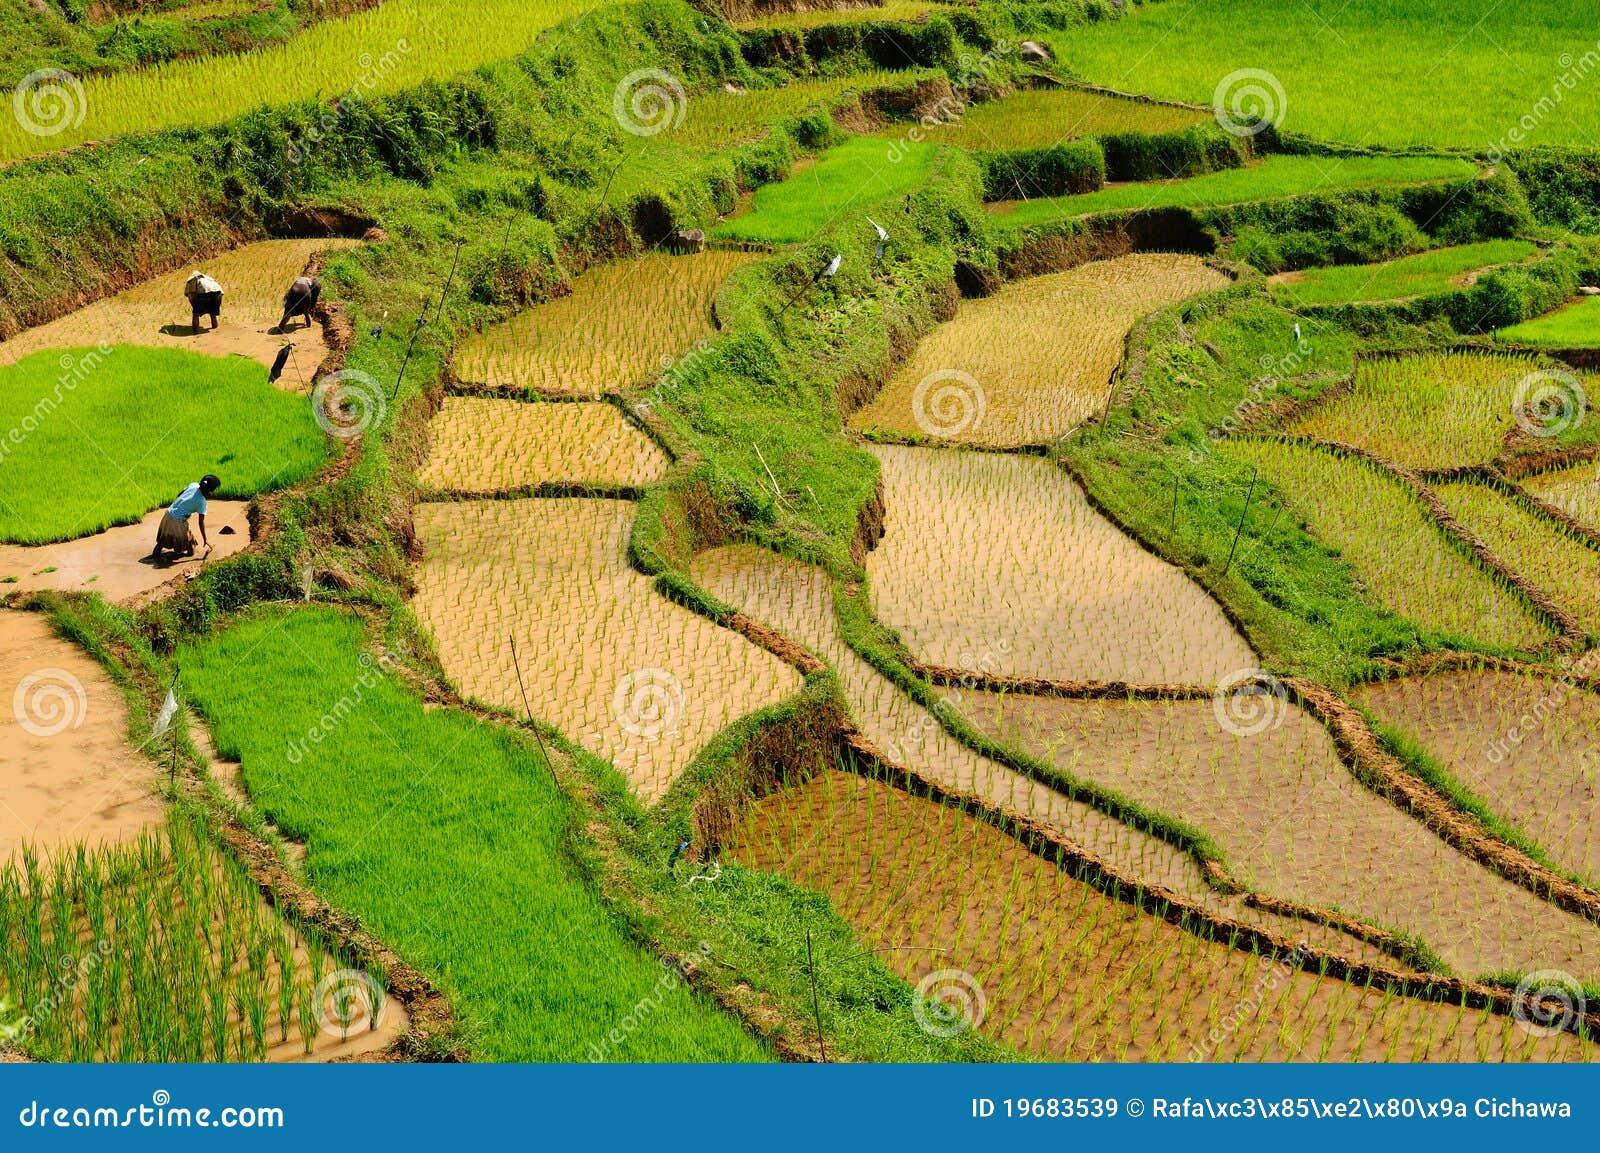 Indonesi sulawesi tana toraja de terrassen van de rijst royalty vrije stock afbeeldingen - Afbeeldingen van terrassen verwachten ...